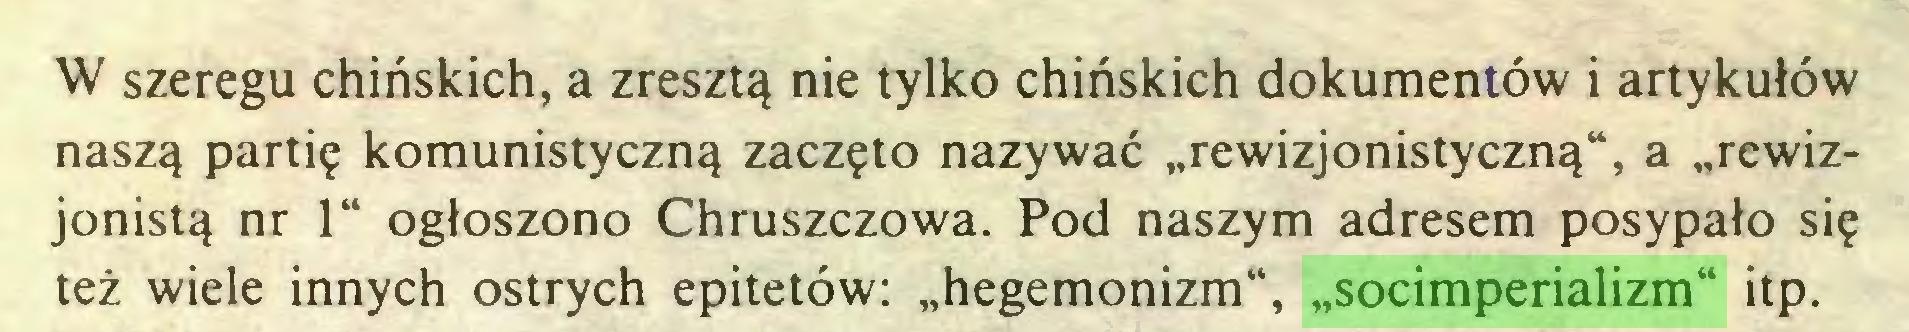 """(...) W szeregu chińskich, a zresztą nie tylko chińskich dokumentów i artykułów naszą partię komunistyczną zaczęto nazywać """"rewizjonistyczną"""", a """"rewizjonistą nr 1"""" ogłoszono Chruszczowa. Pod naszym adresem posypało się też wiele innych ostrych epitetów: """"hegemonizm"""", """"socimperializm"""" itp..."""